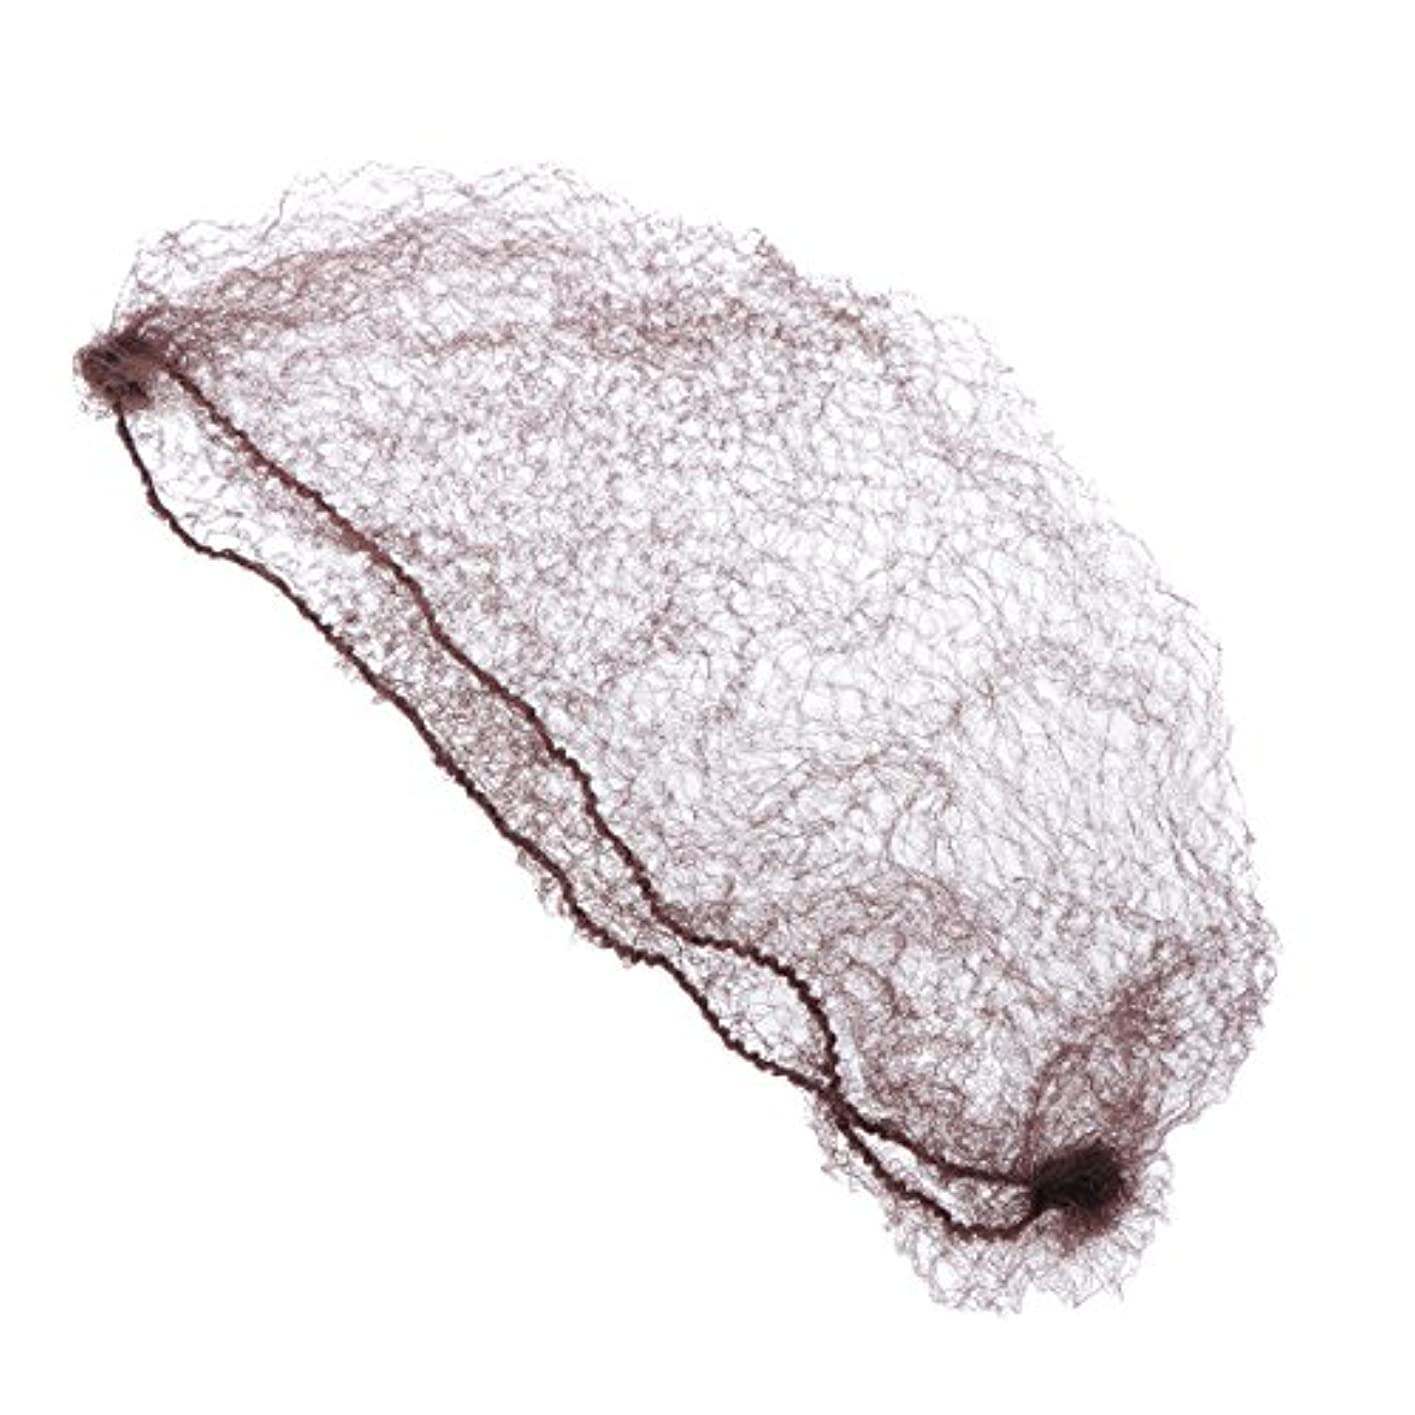 広がり特別な高めるFrcolor ヘアネット 髪束ねネット 目に見えない 弾性 団子ドレスアップ アクセサリー 再利用可能 50本 (コーヒー/ 50cm)